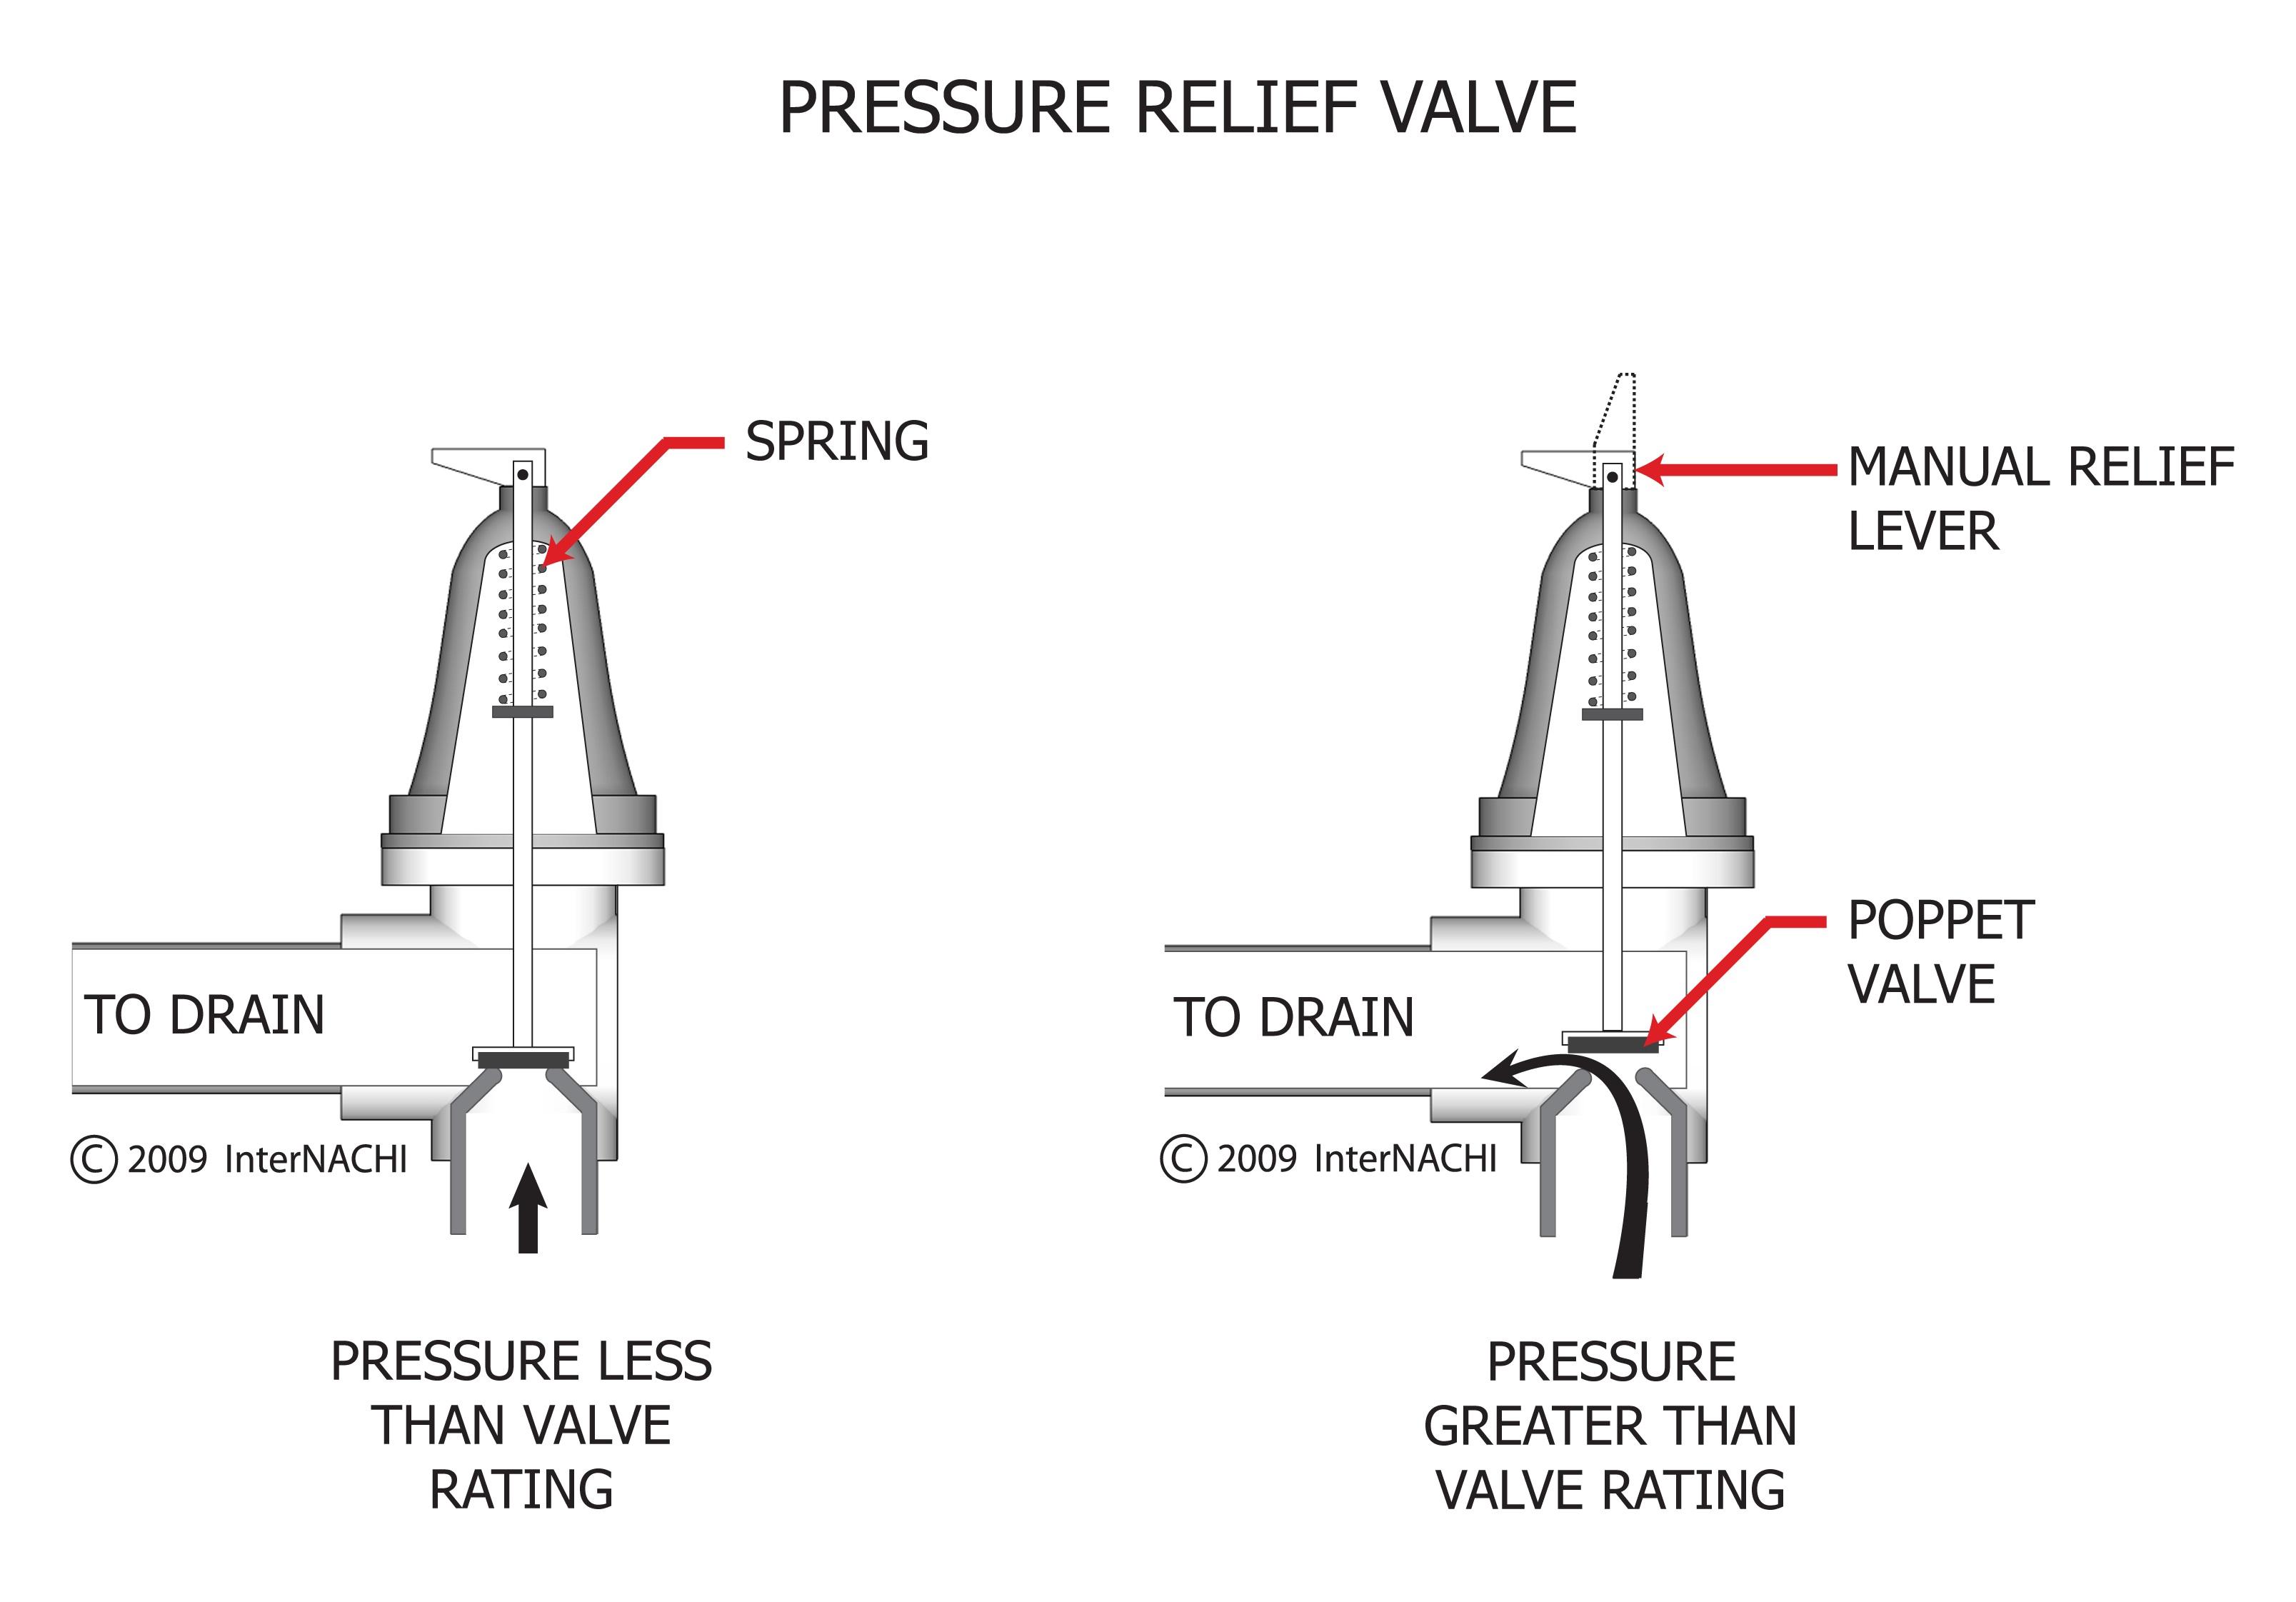 Pressure relief valve.